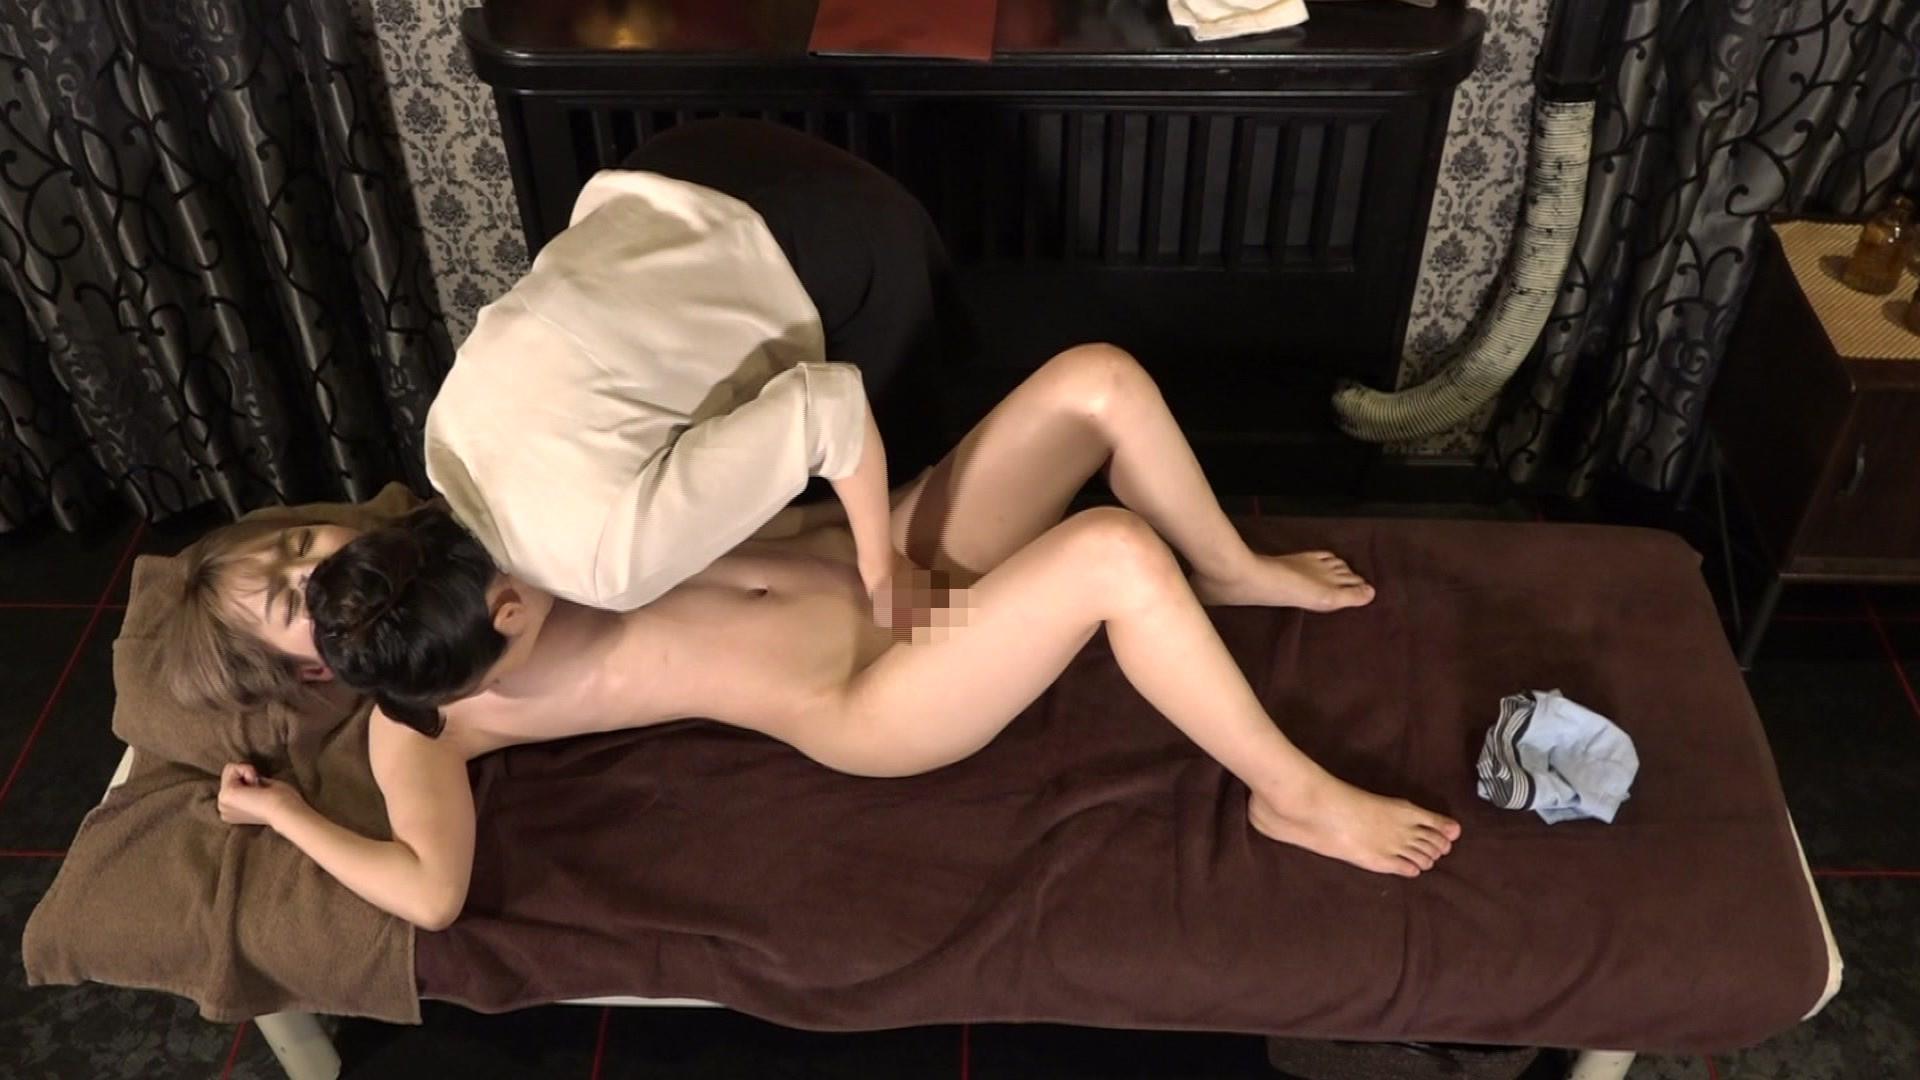 女の子大好きな美人セラピストが在籍するエステ店を完全盗●(3)~好みの女性客にはマ●コを重点的にマッサージ 画像21